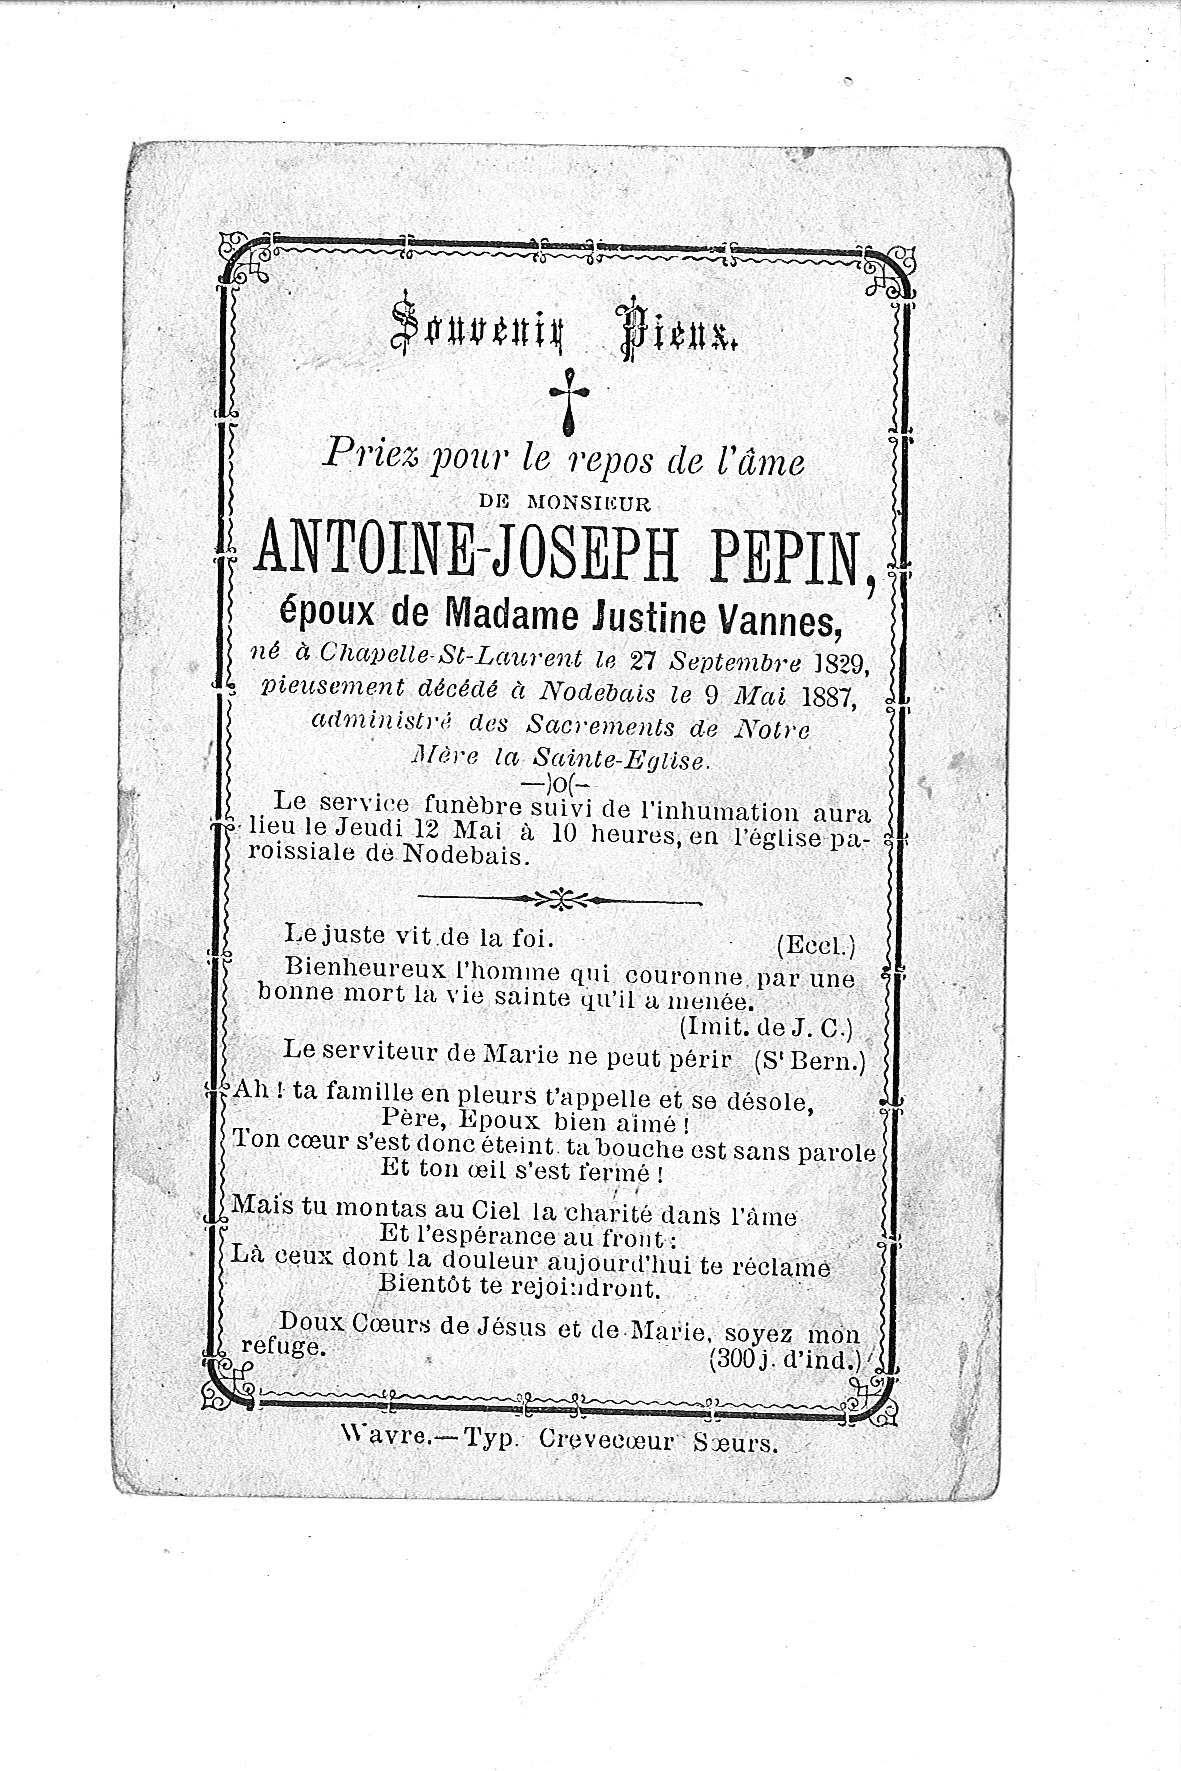 Antoine-Joseph(1887)20100407113039_00037.jpg